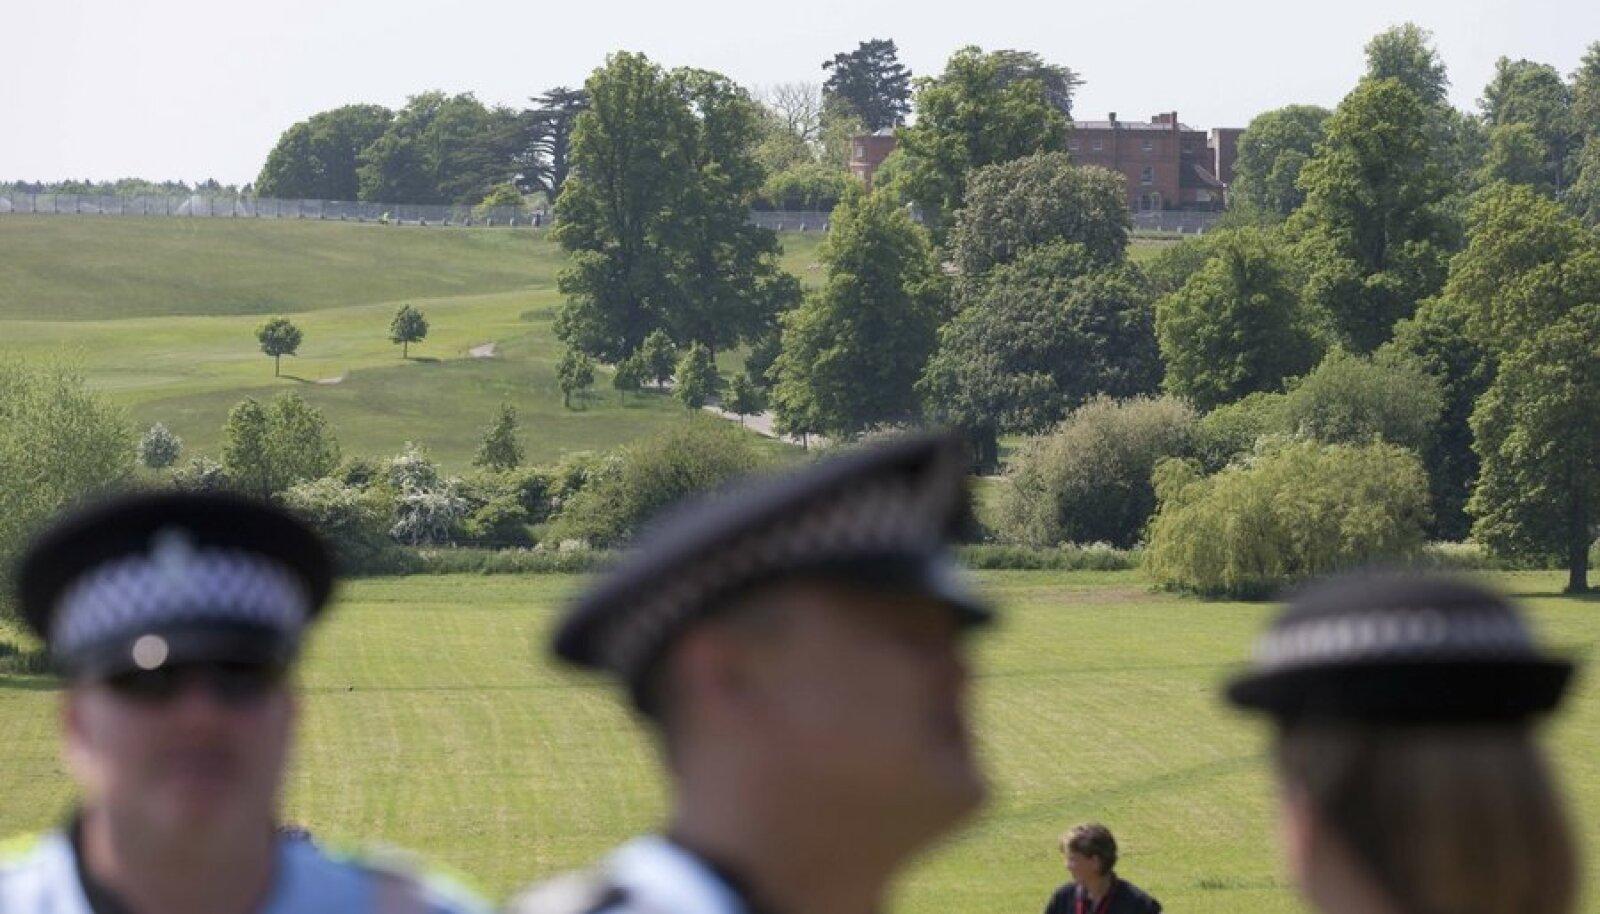 <em>Ümbruskonnas liigub palju politseinikke, helikoptereid ja kasutusele on võetud palju erinevaid turvameetmeid.</em>